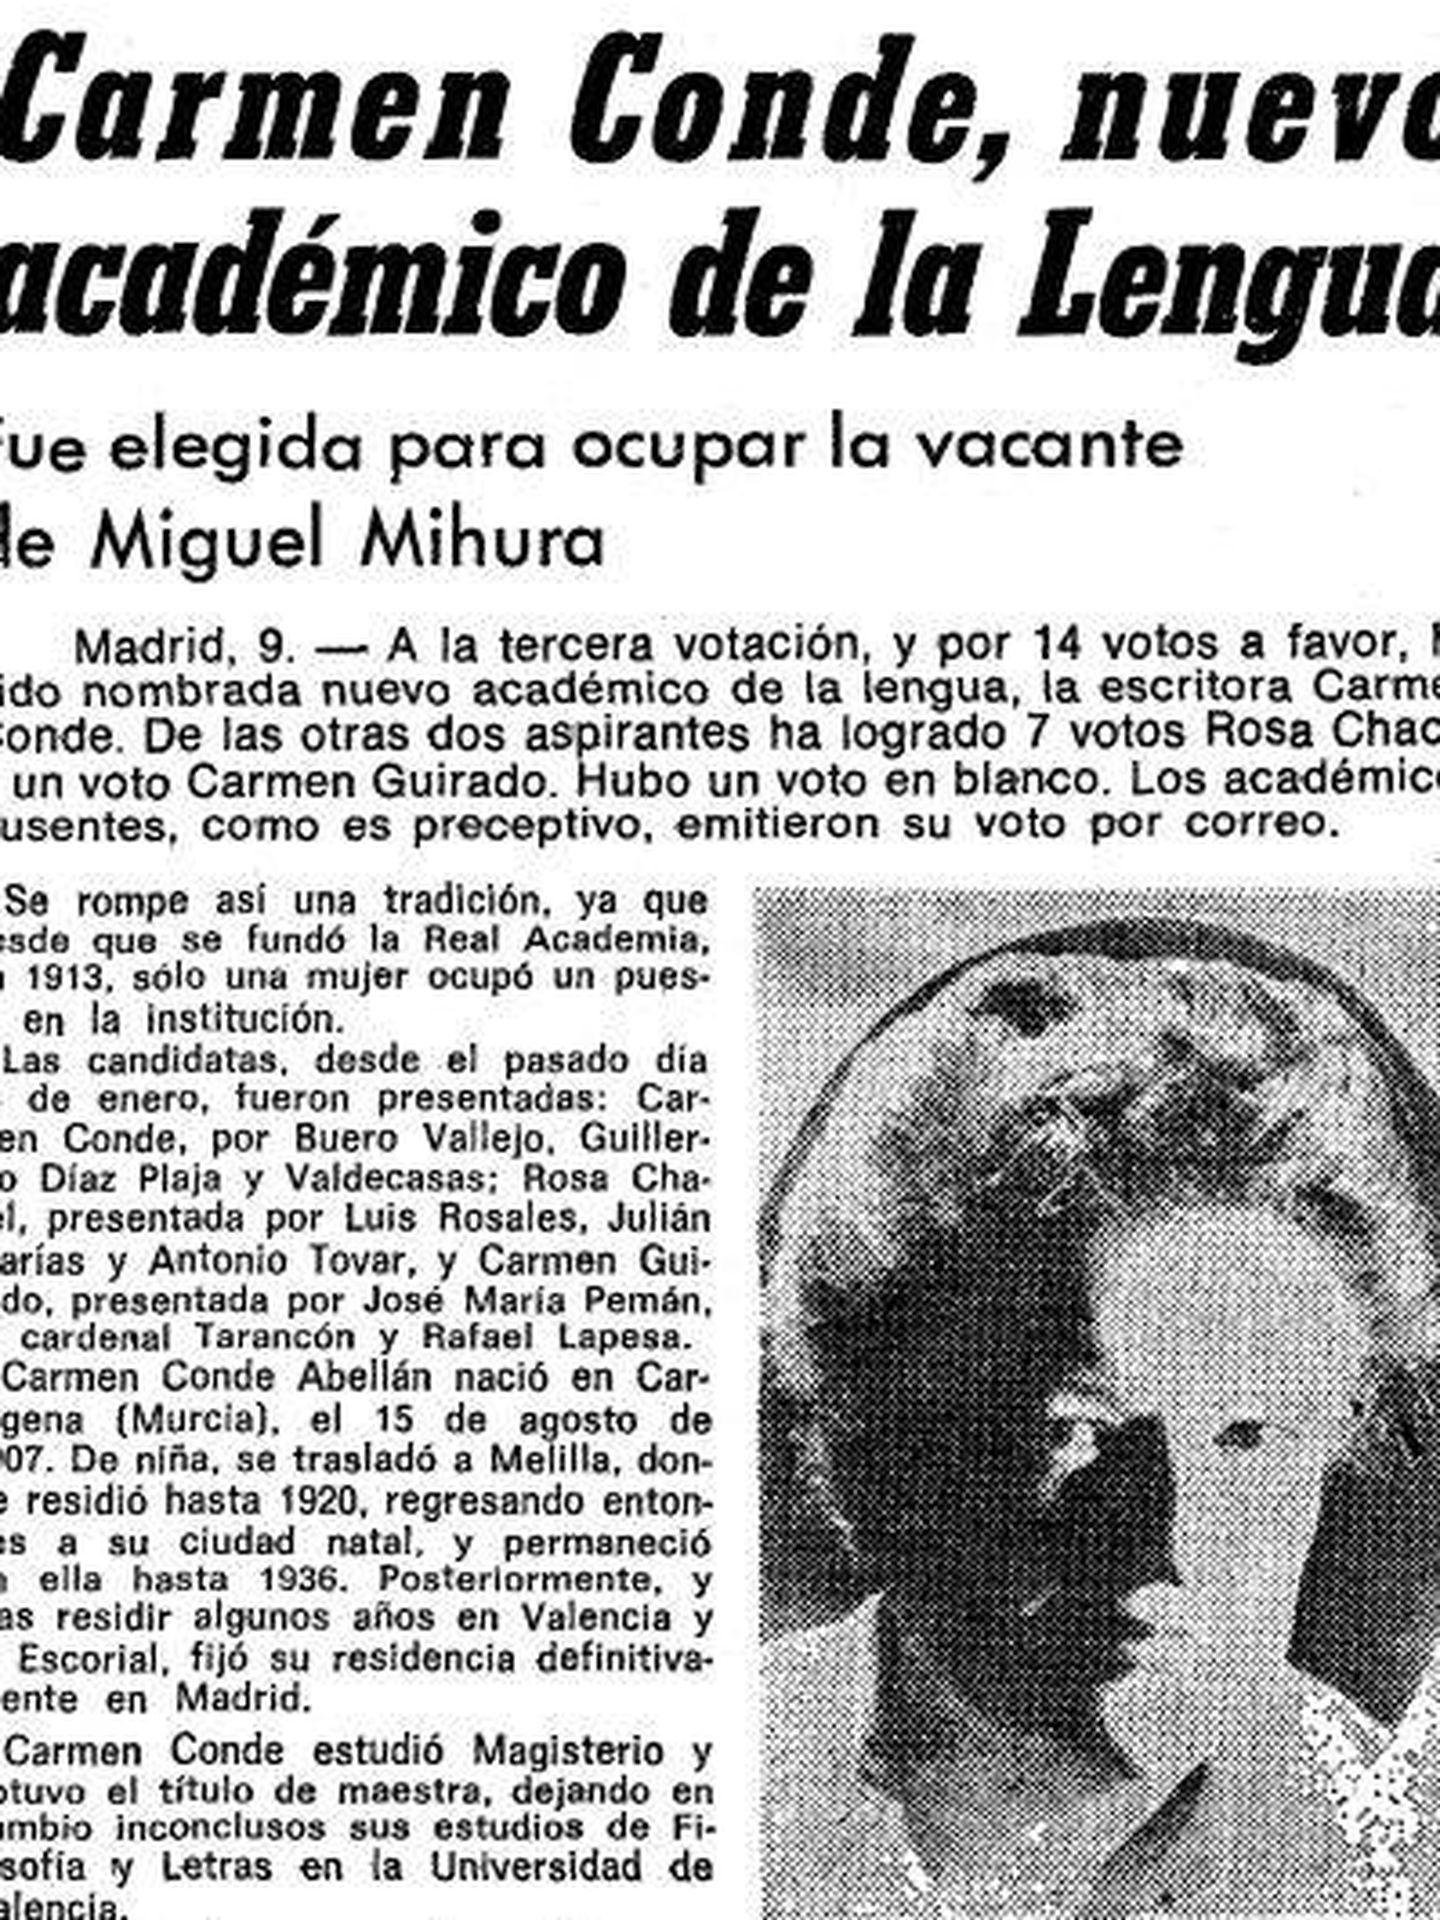 Recorte de la portada de 'La Vanguardia' del 10 de febrero de 1978